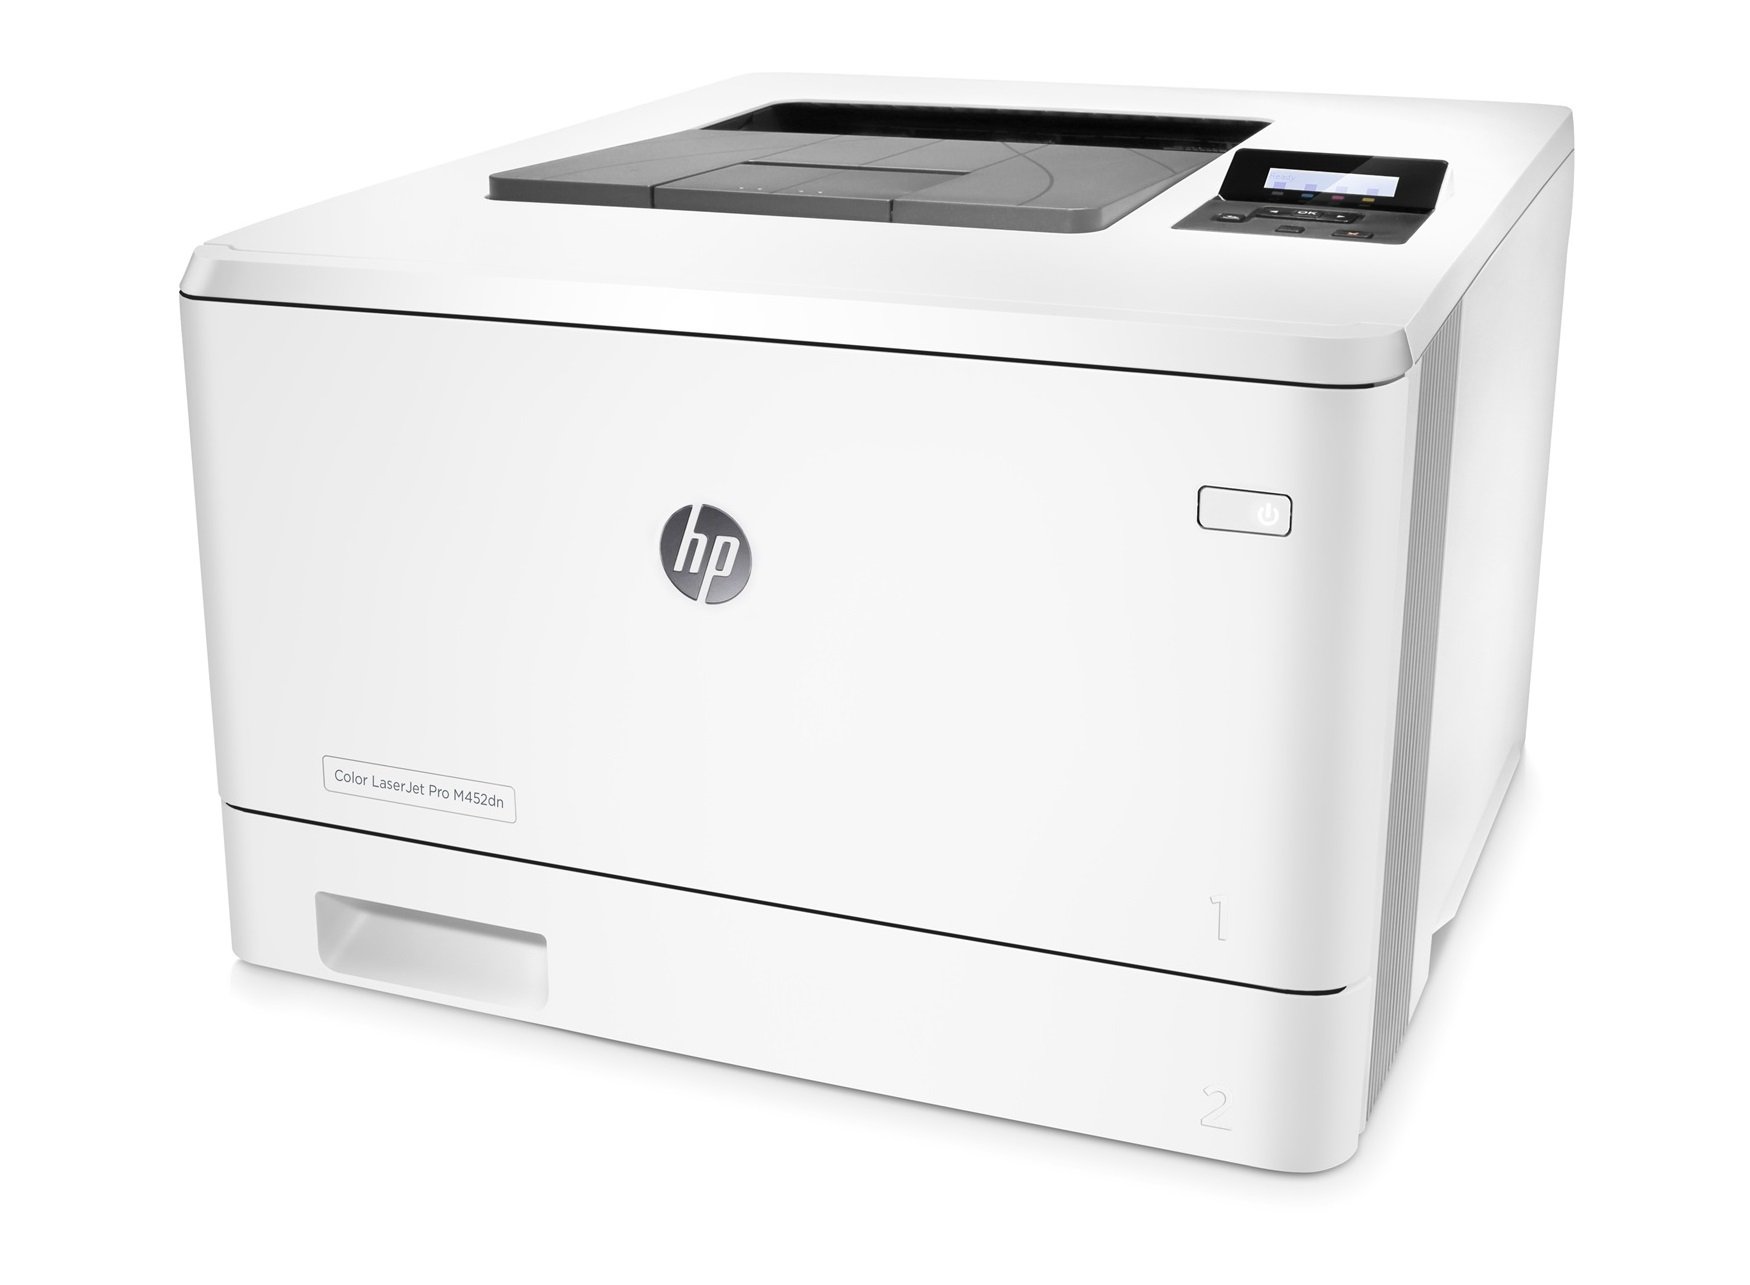 HP Colour Laserjet Pro M452dn